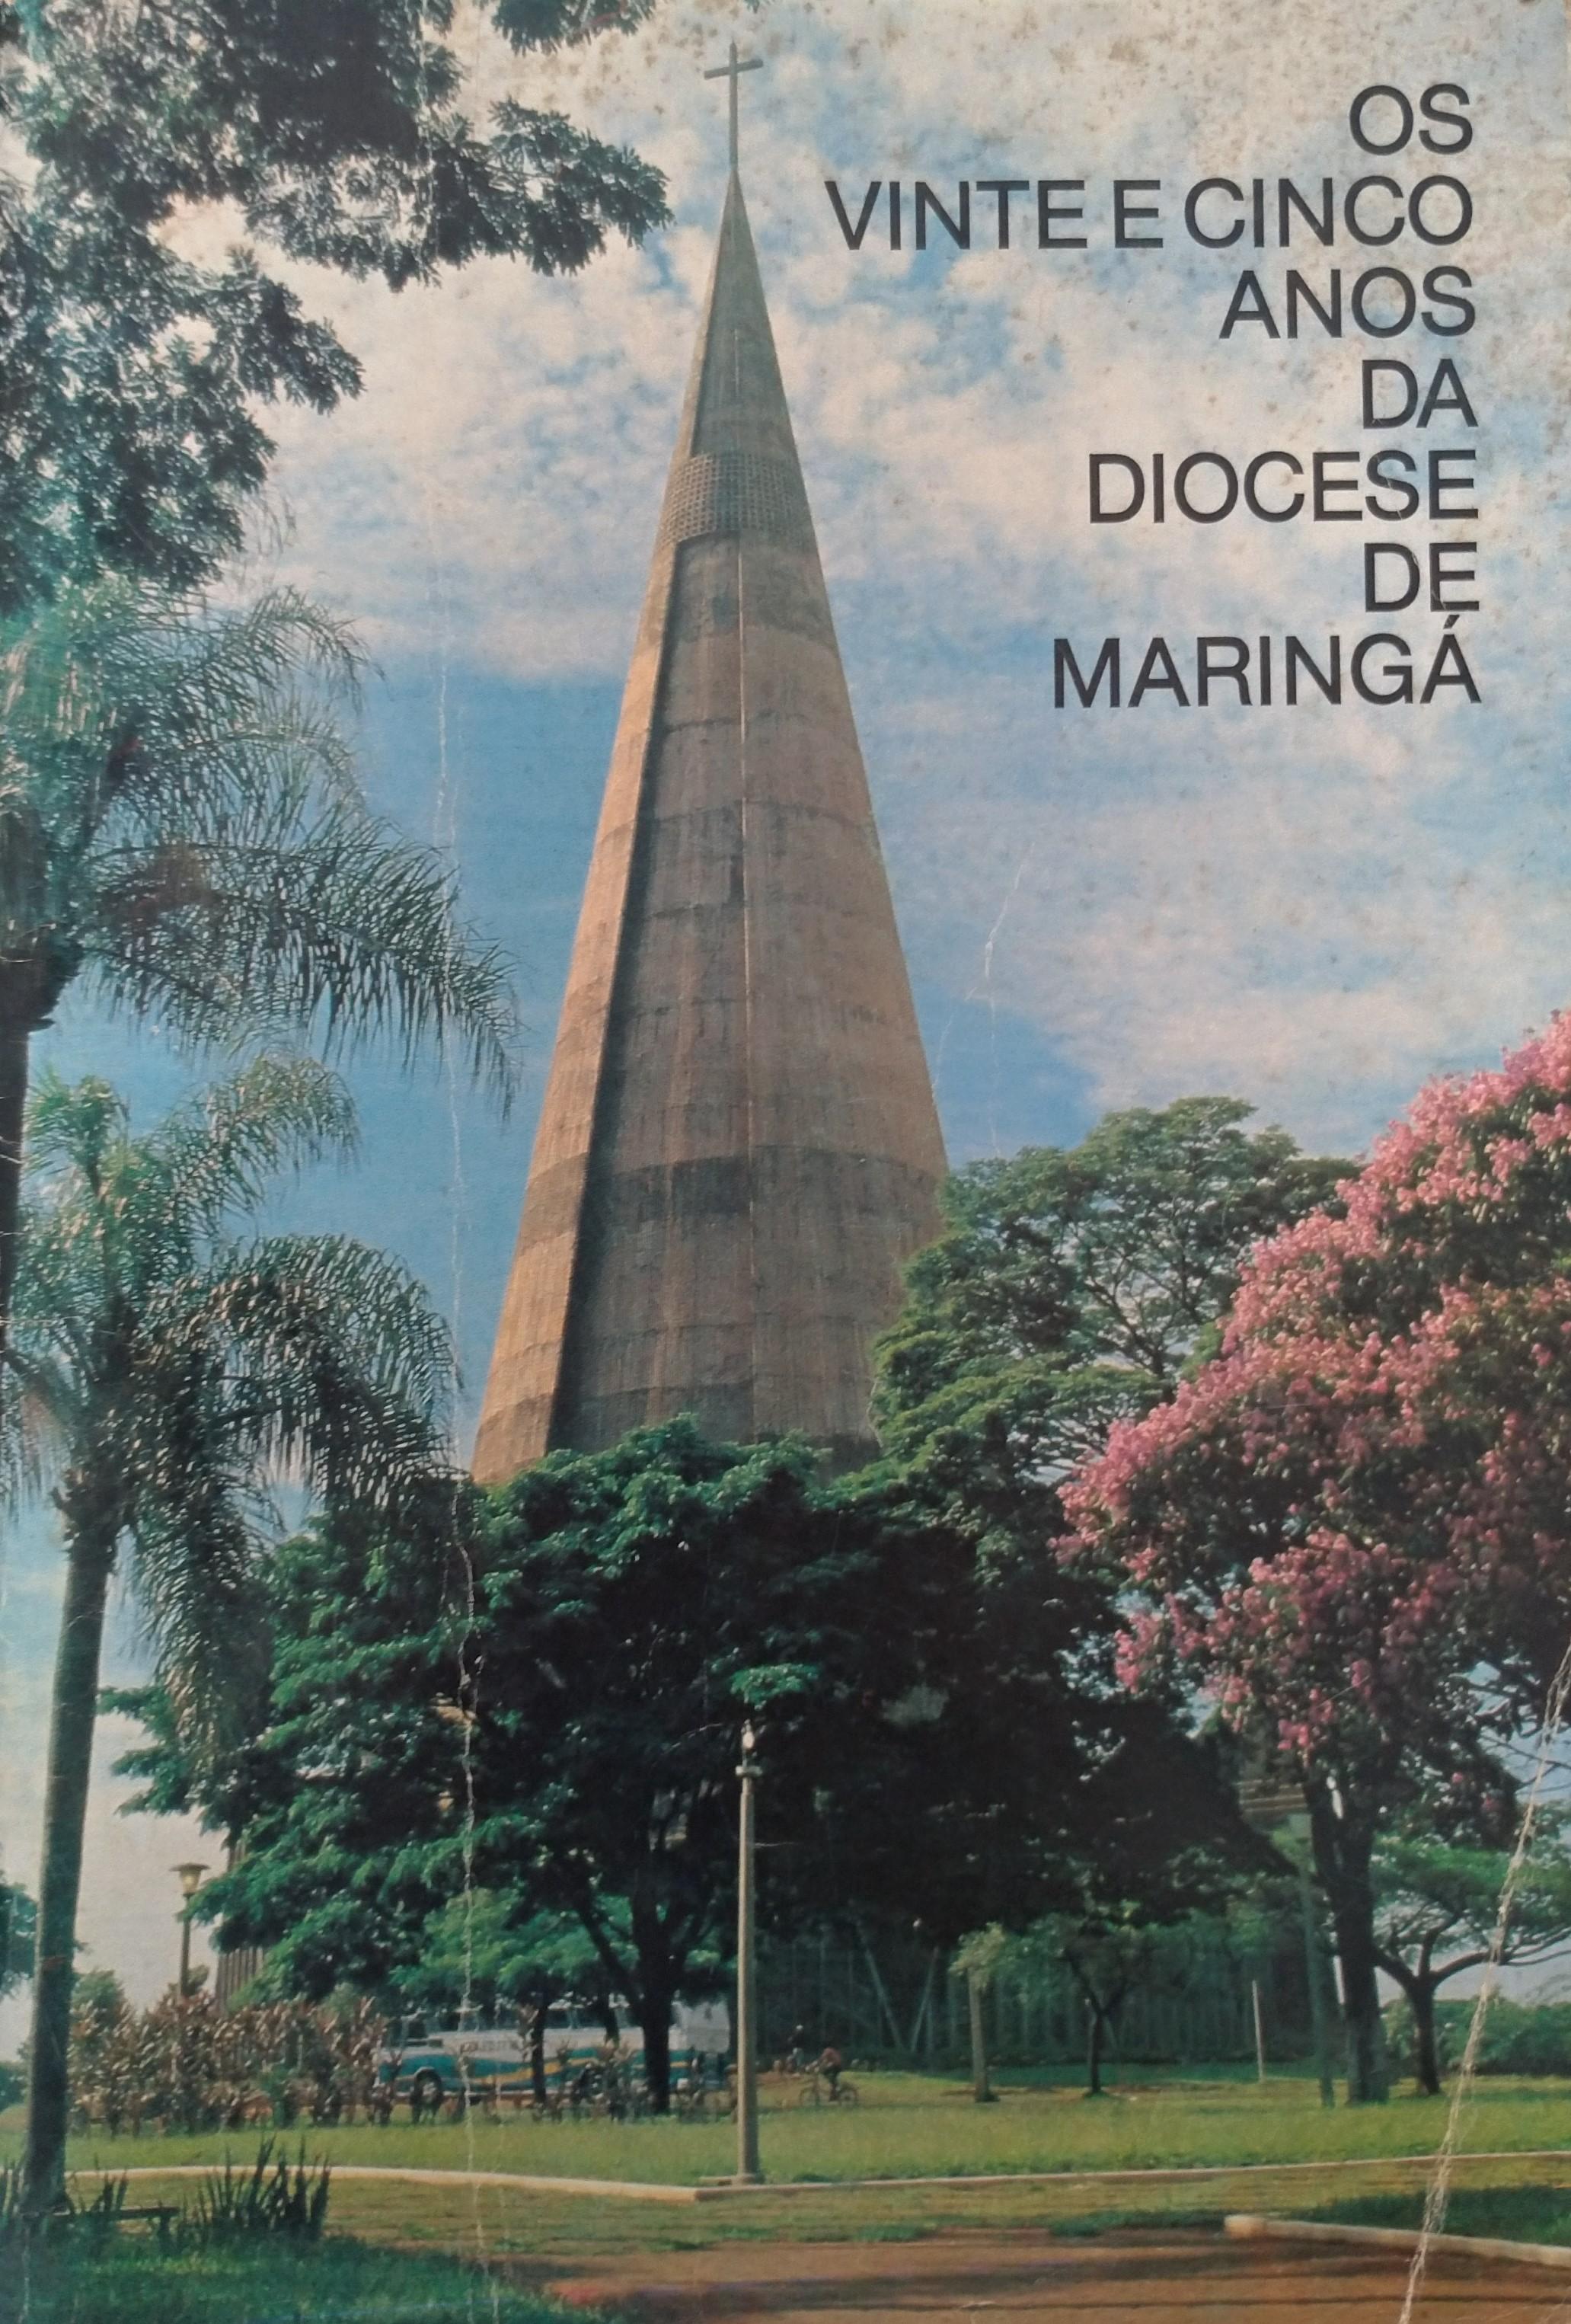 Os 25 anos da Diocese de Maringá, em 1982